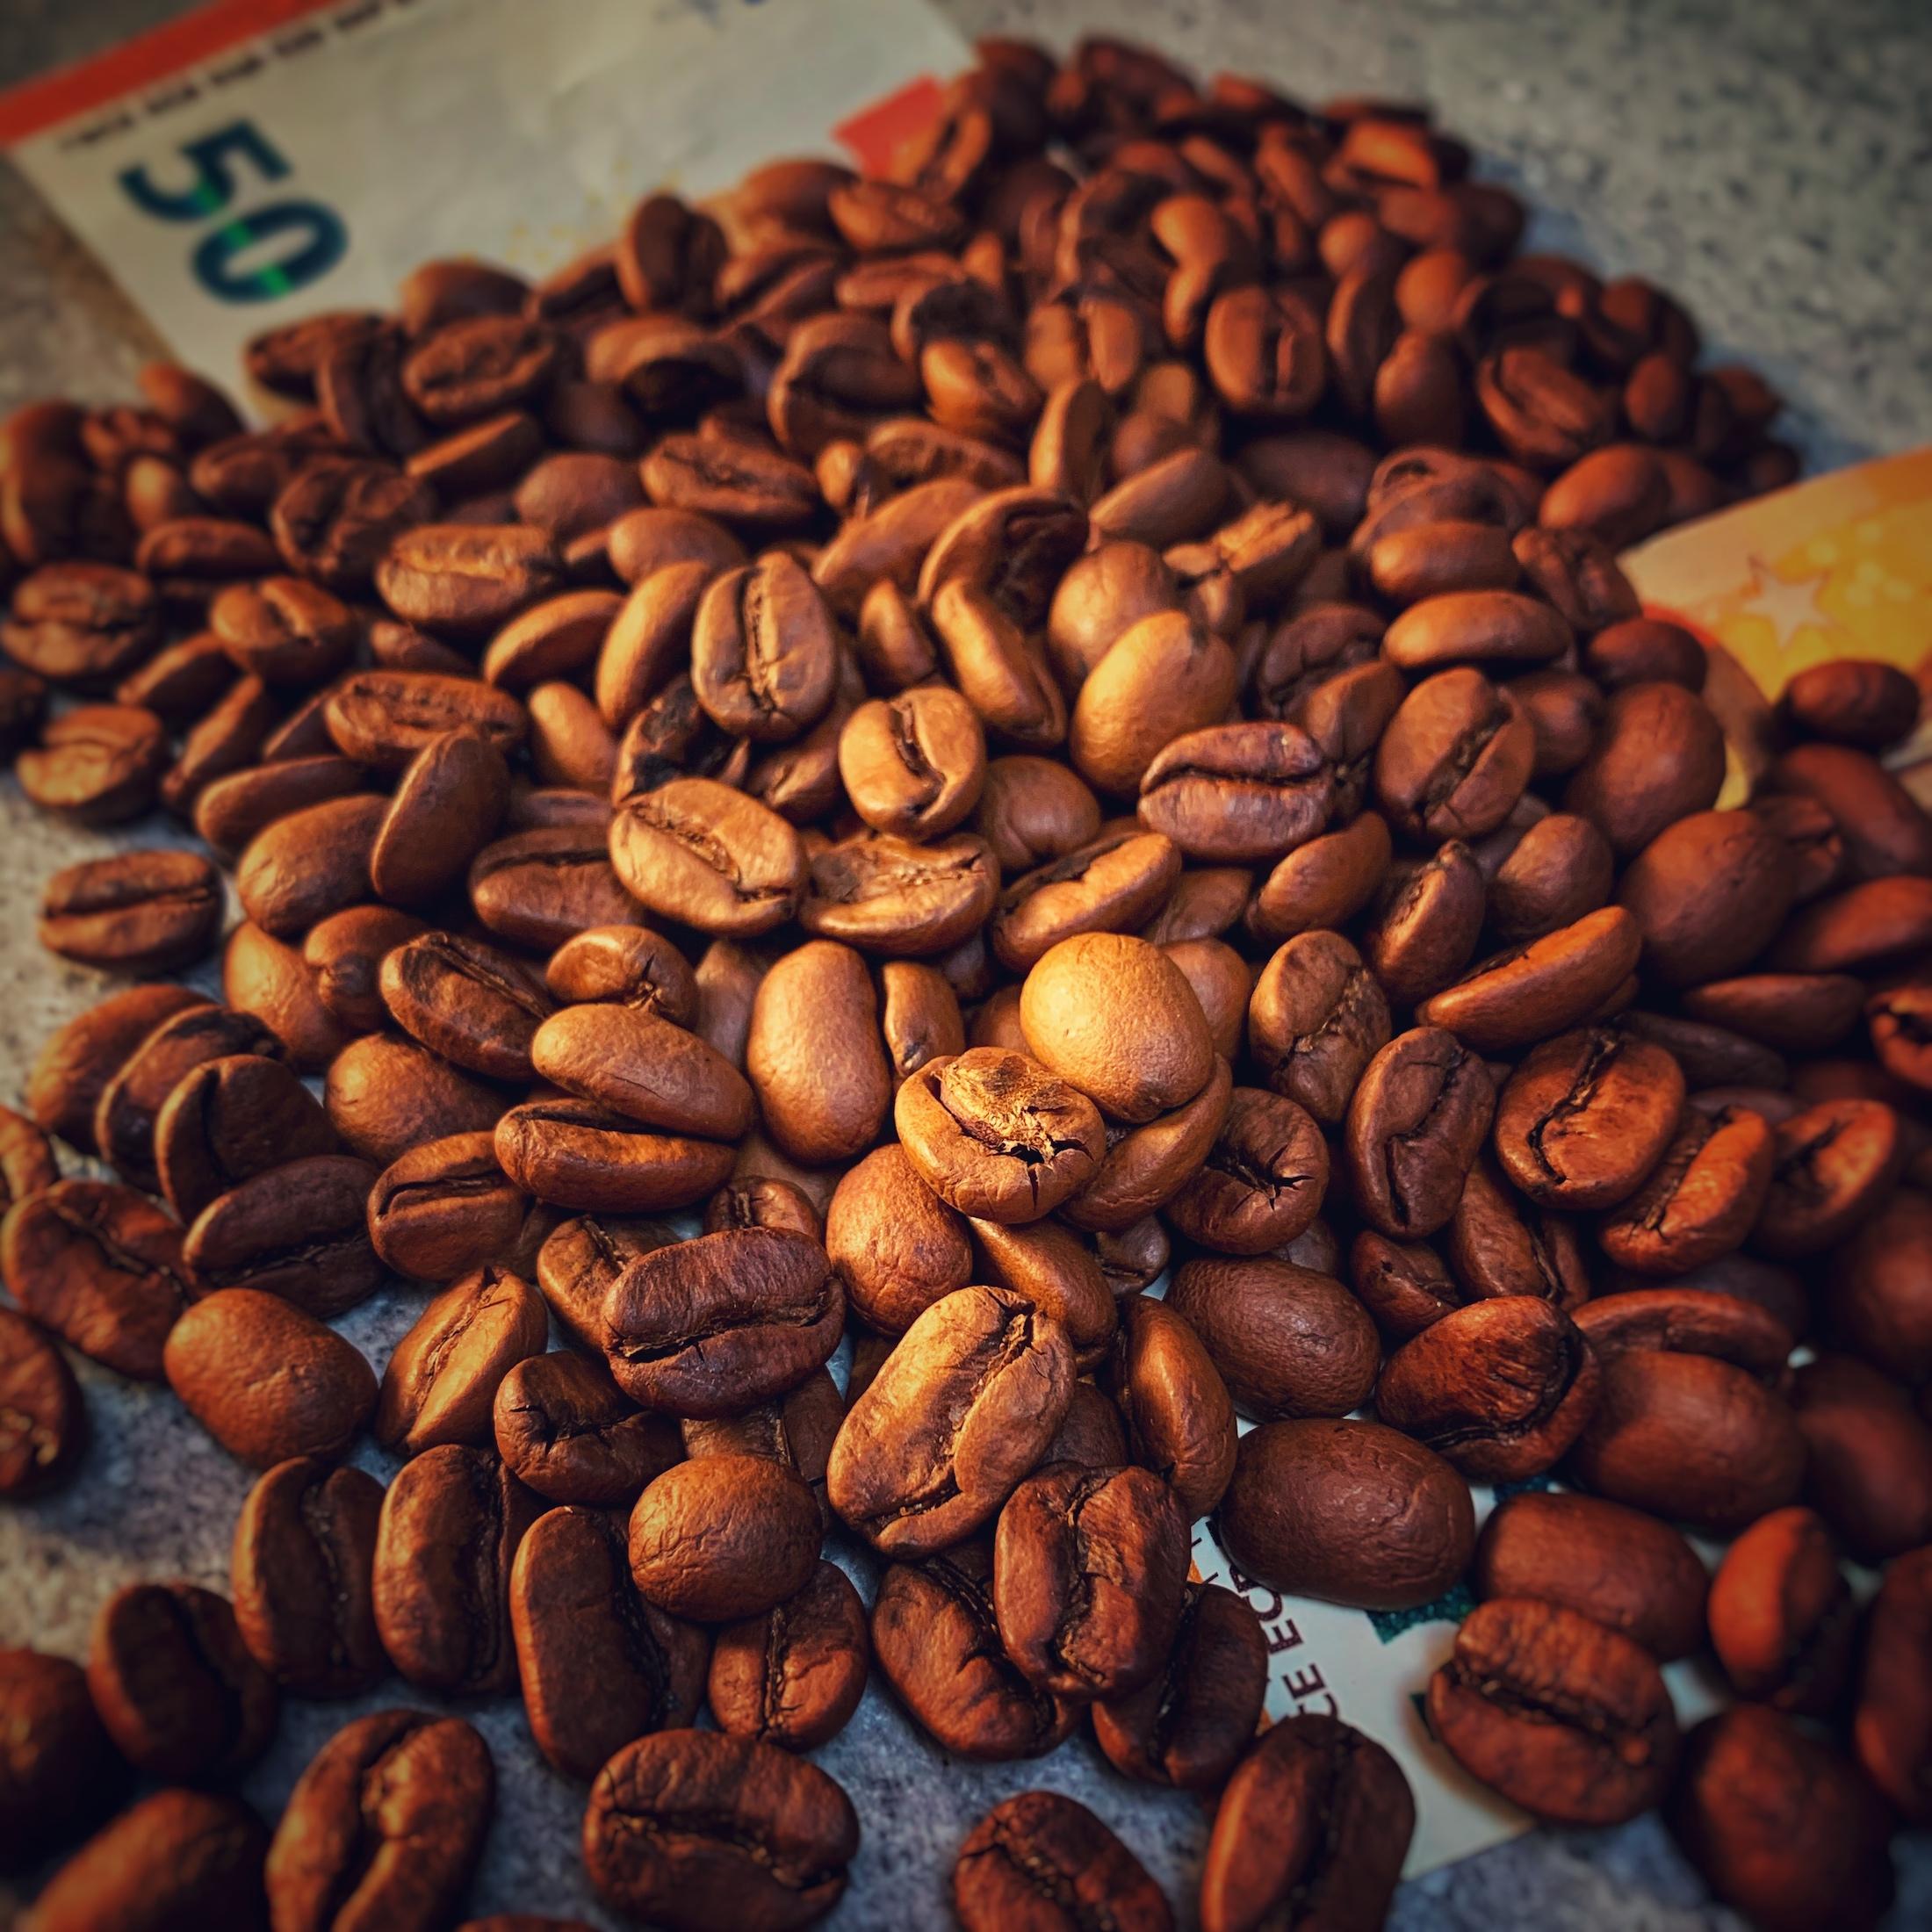 Mit Kaffee kann man Geld verdienen und Gutes tun. Das geht sogar gleichzeitig. Im Bild sieht man einen Haufen aus Kaffeebohnen in dem zwei fünfzig Euro scheine stecken. Ein Synonym.